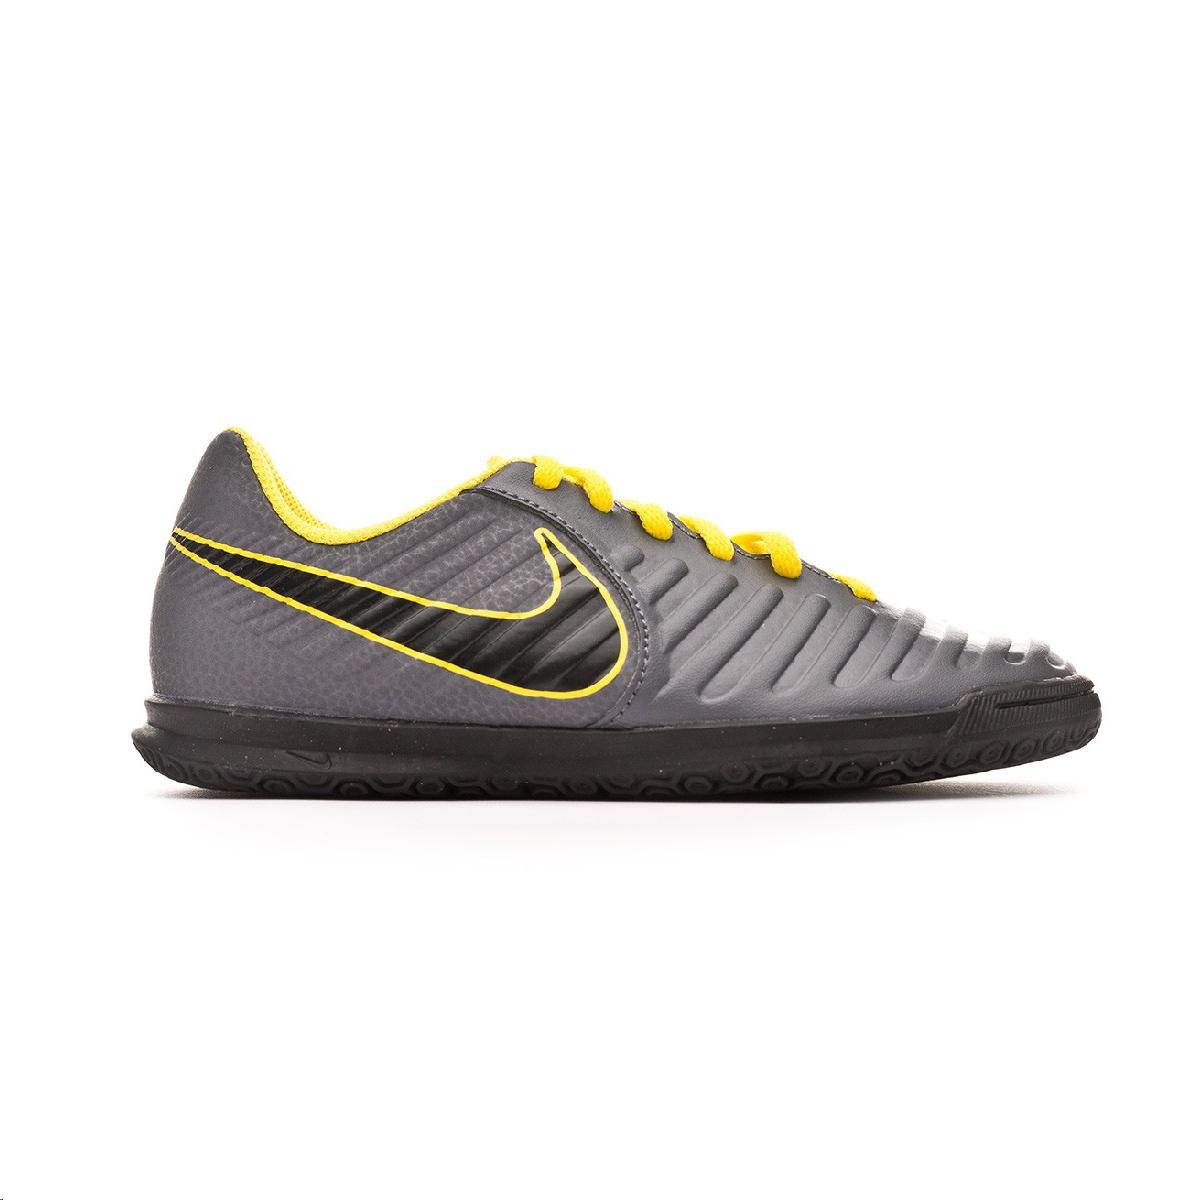 aa2895bc Zapatillas fútbol Nike TiempoX Legend 7 Club IC gris junior - Deportes Moya